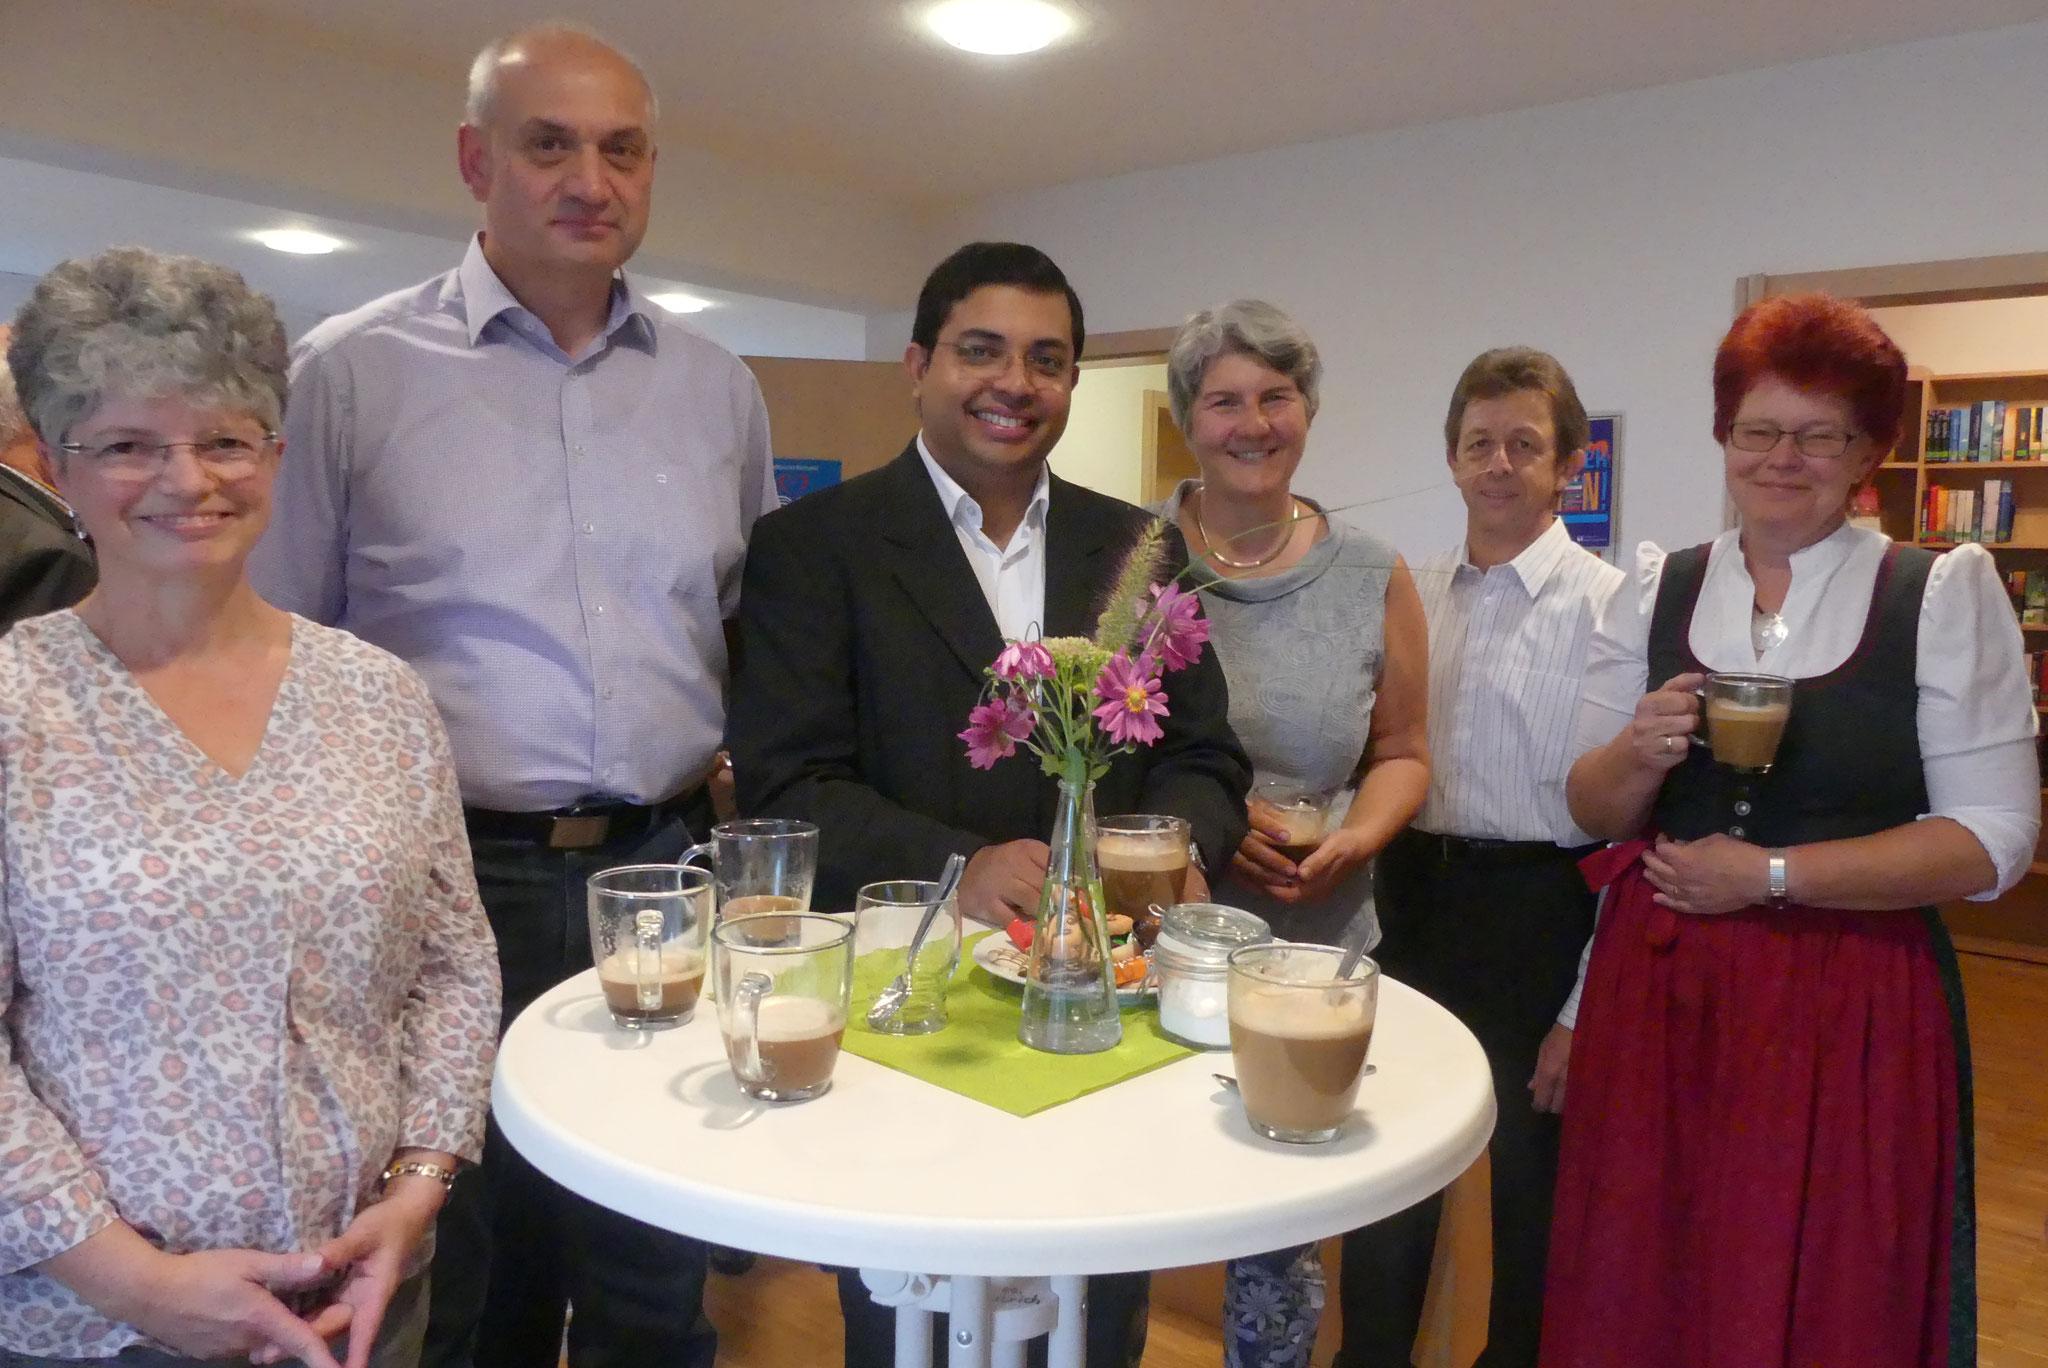 Nach der feierlichen Eucharistie zum Sonntag besuchte Kaplan Sanoj Joy Mundaplakkel das Kirchencafé. Er freute sich über die persönlichen Begegnungen und Gespräche mit den Gottesdienstbesuchern